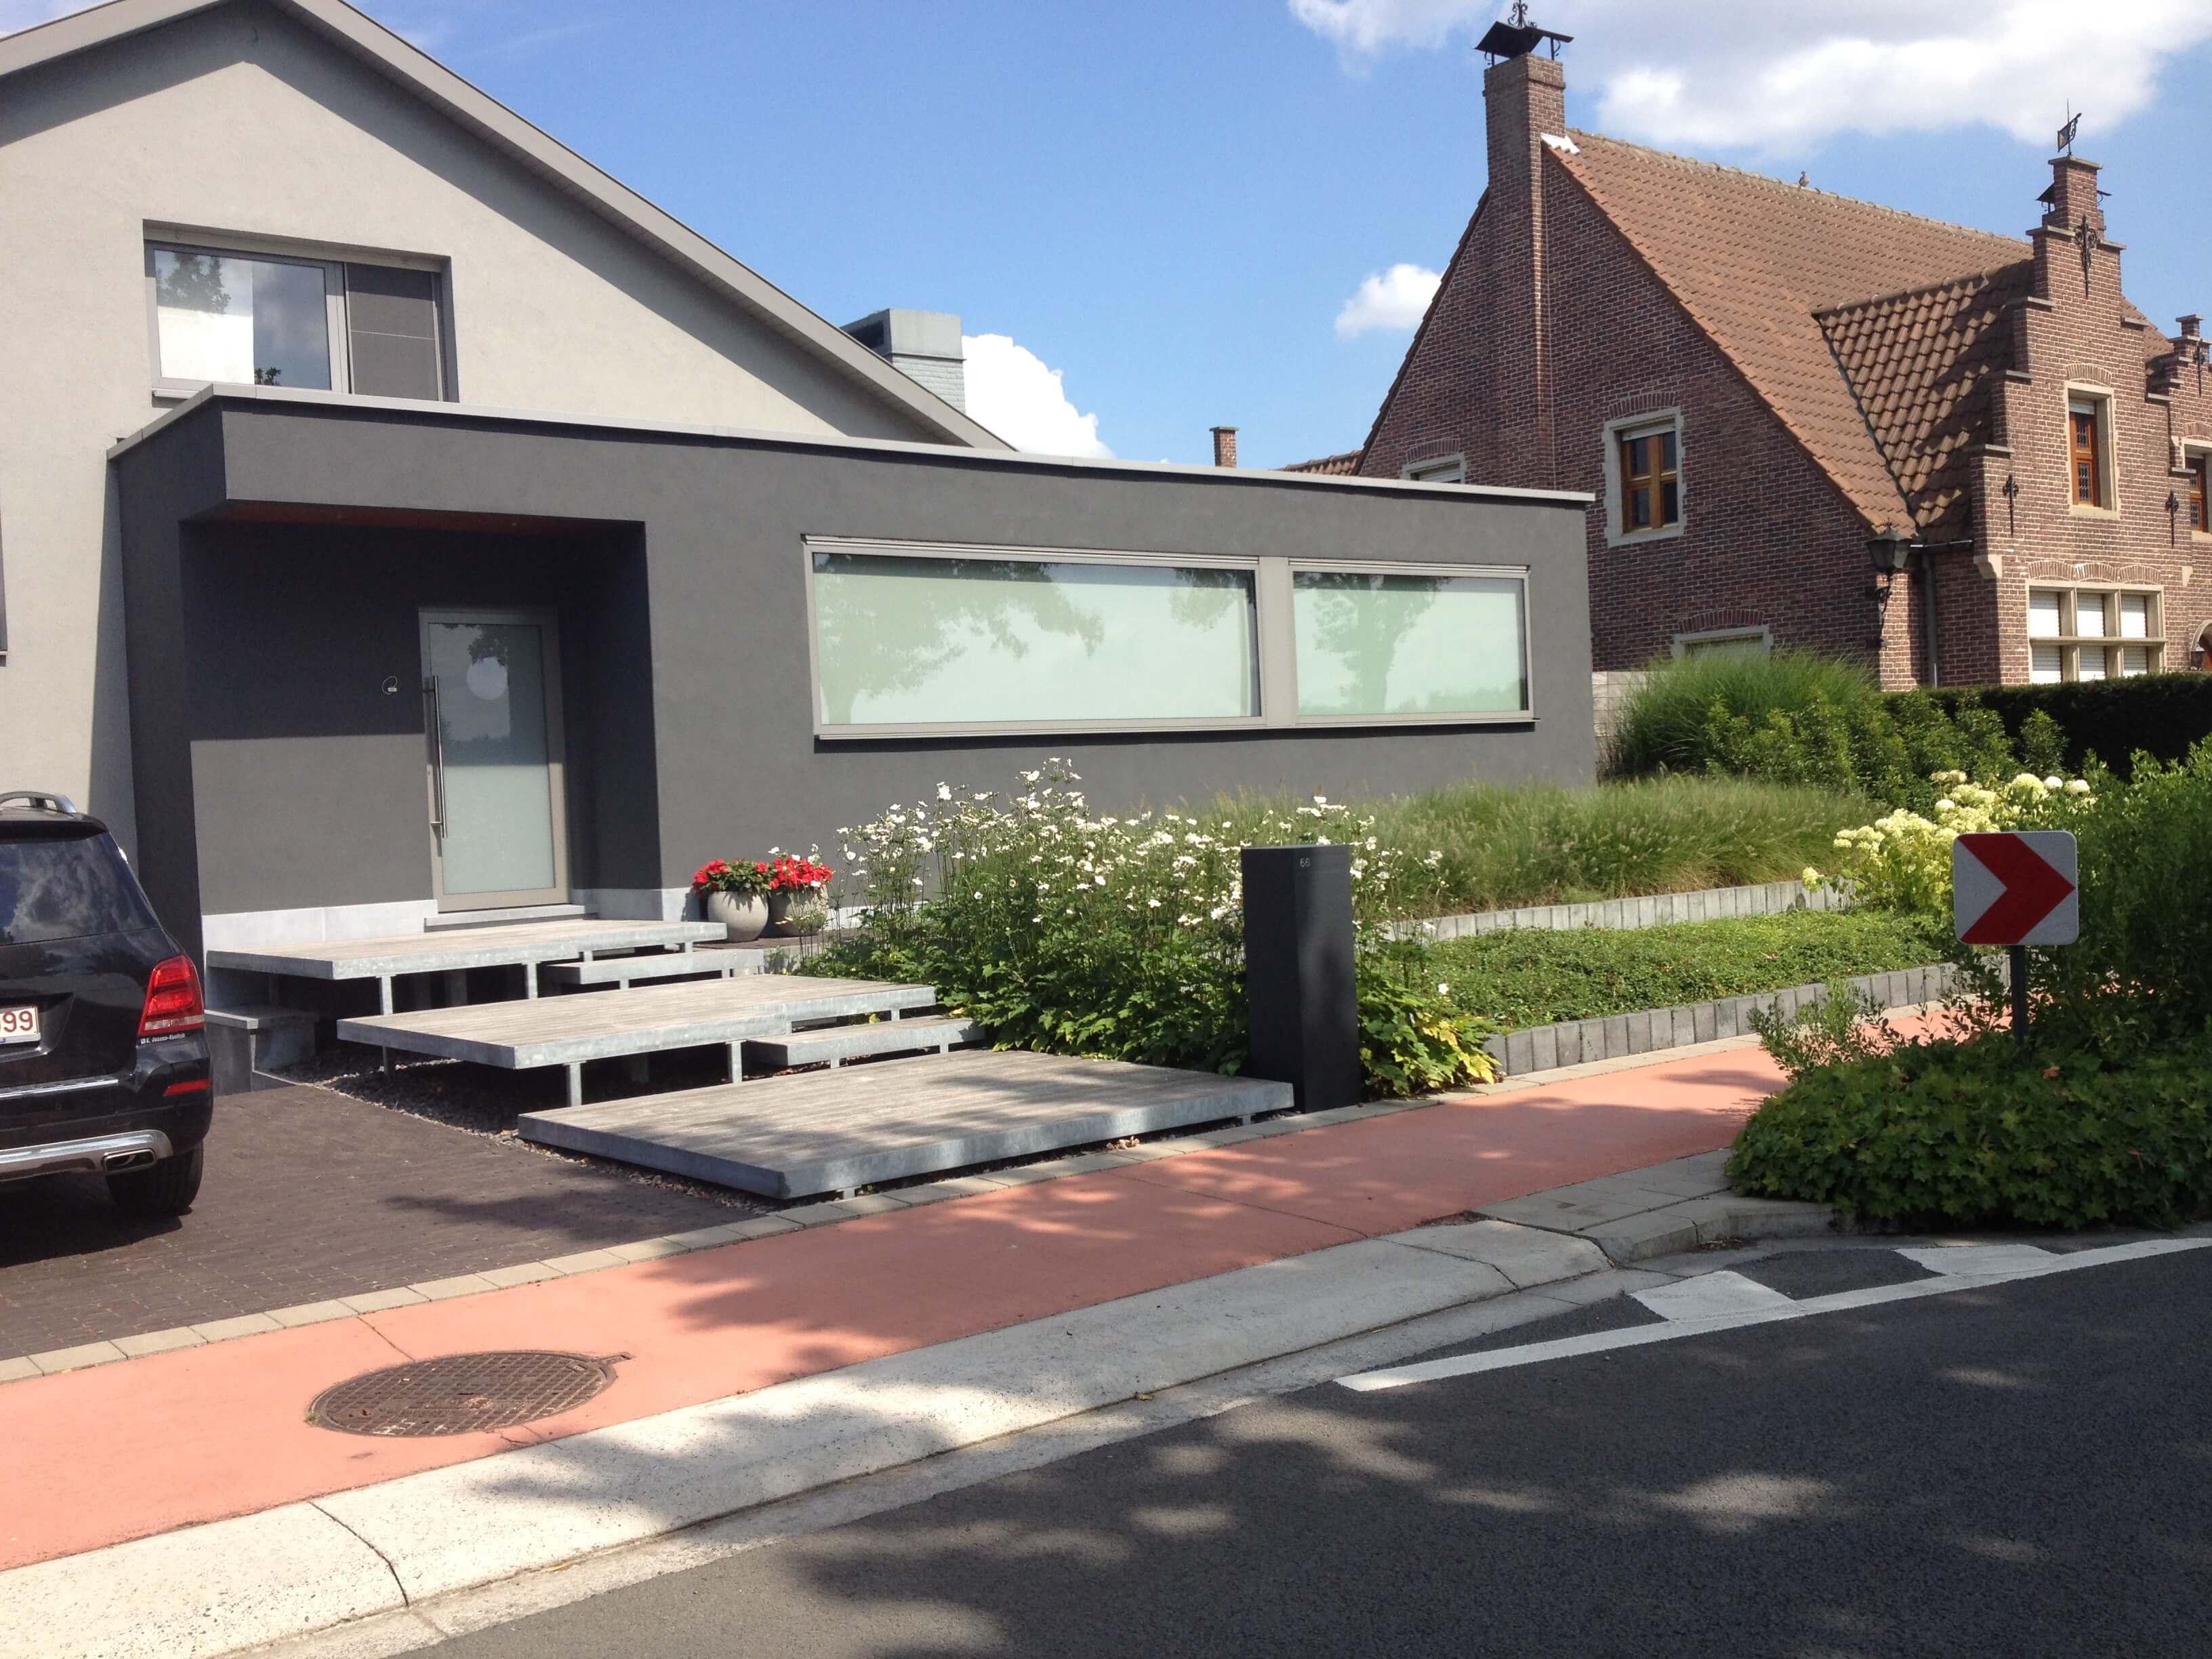 Tuinaanleg - Tuinprojecten - Wyckmans Wim Tuinarchitectuur bvba